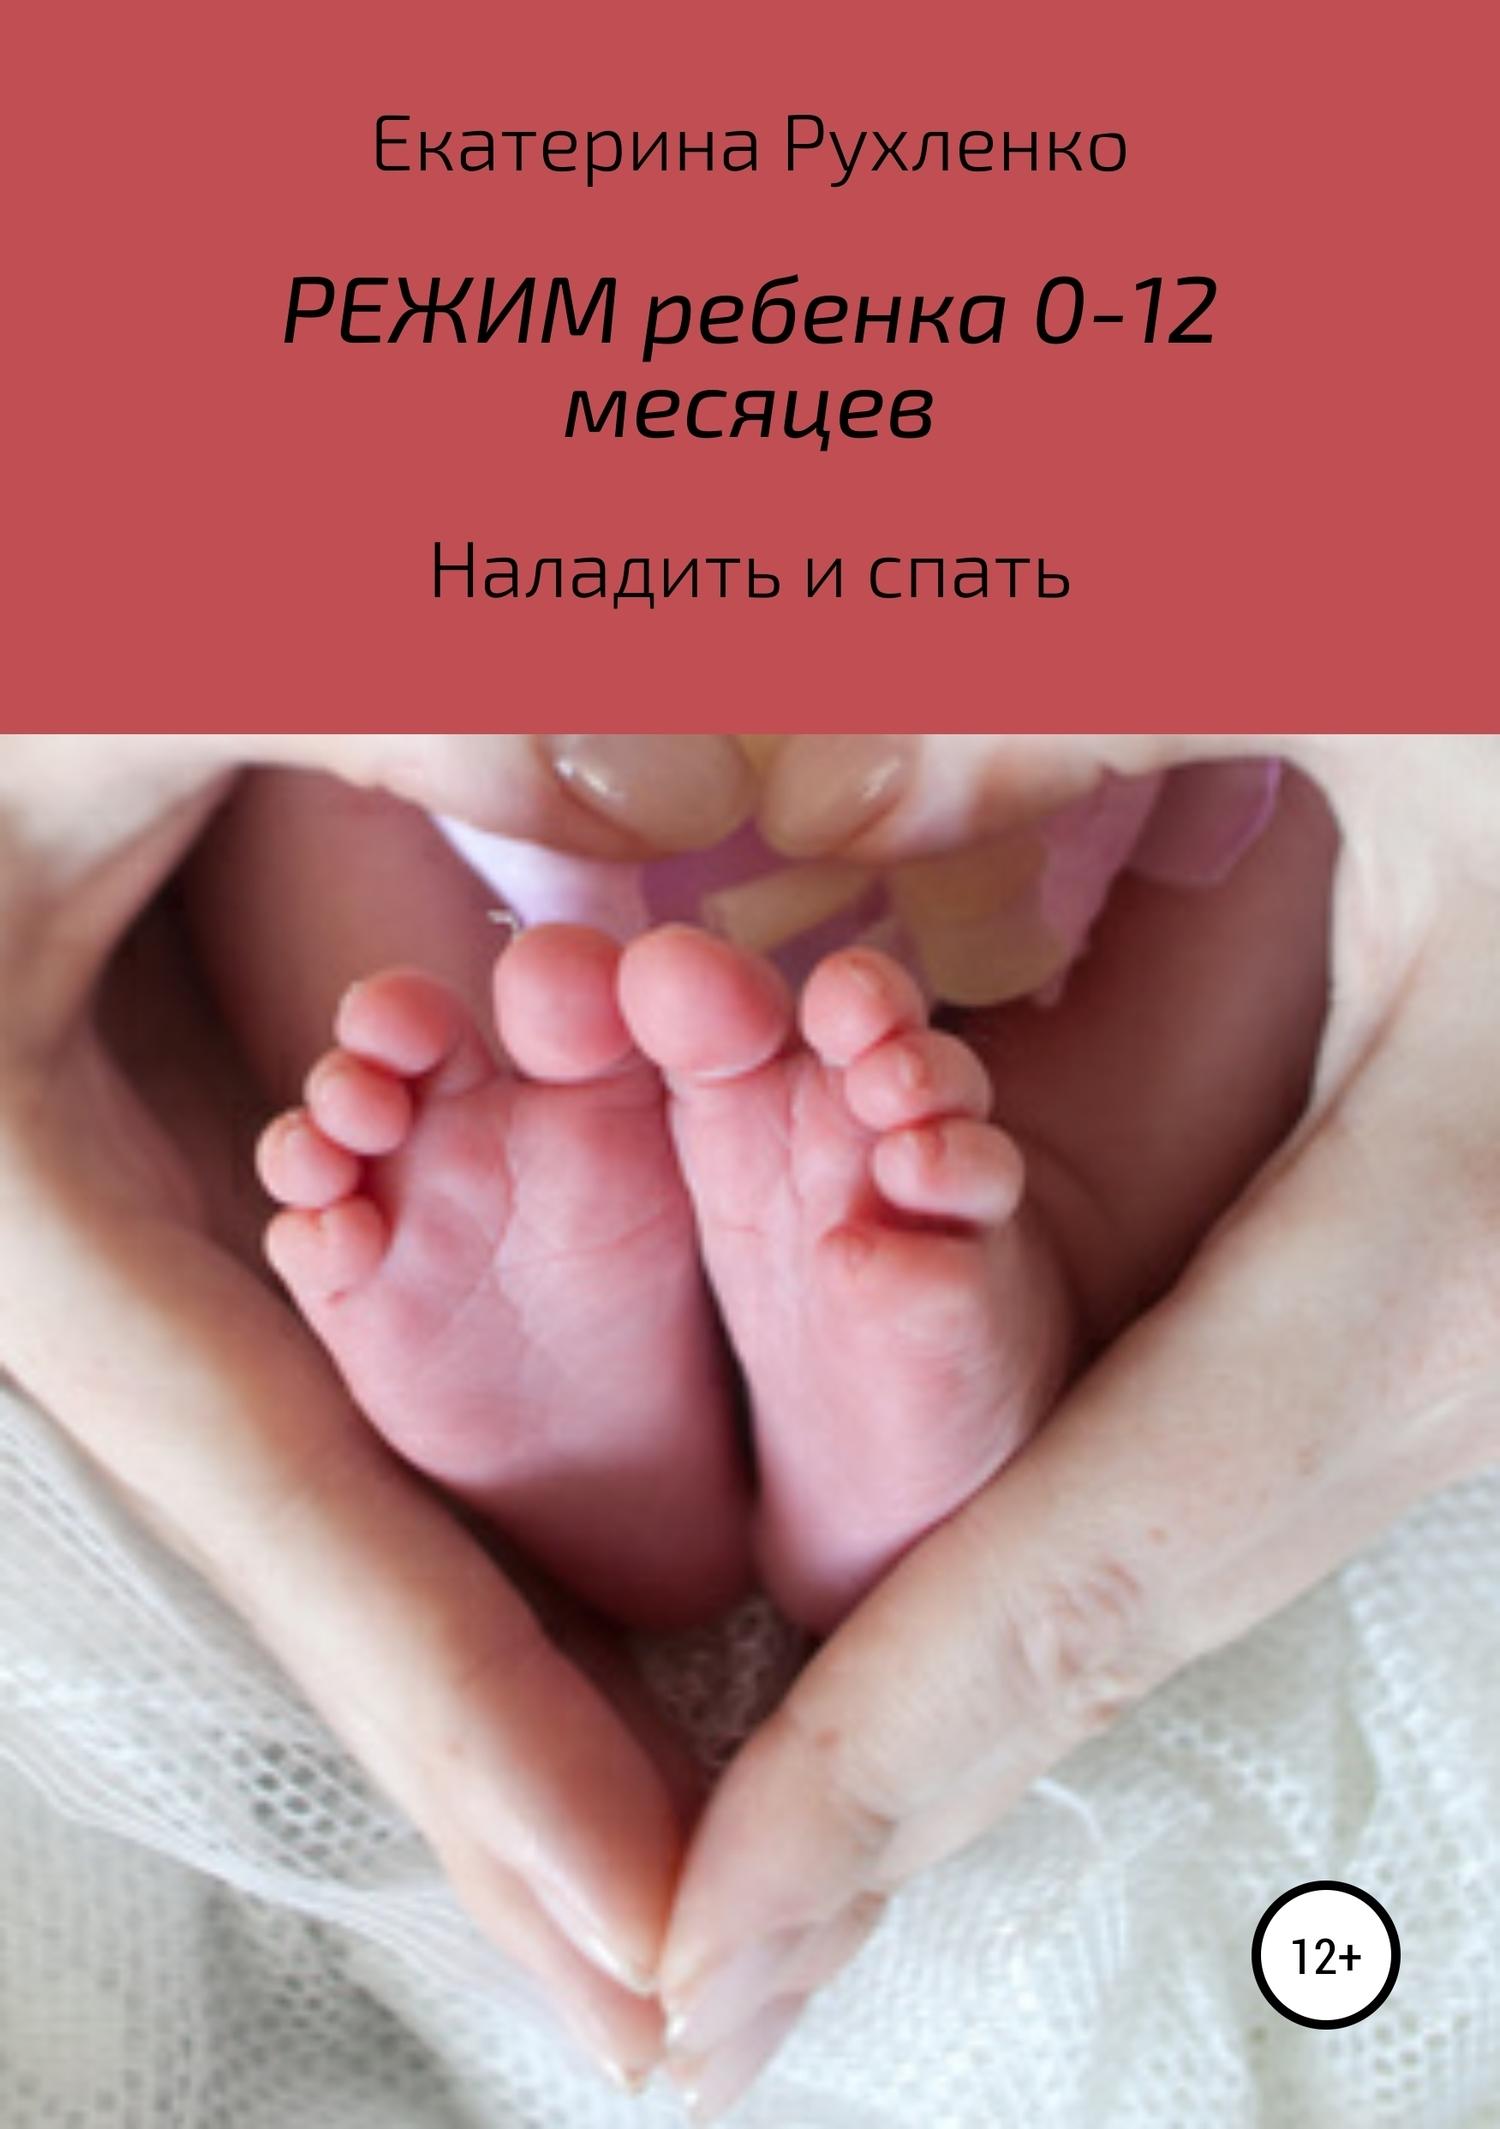 Екатерина Рухленко - Режим ребенка 0-12 месяцев. Наладить и спать